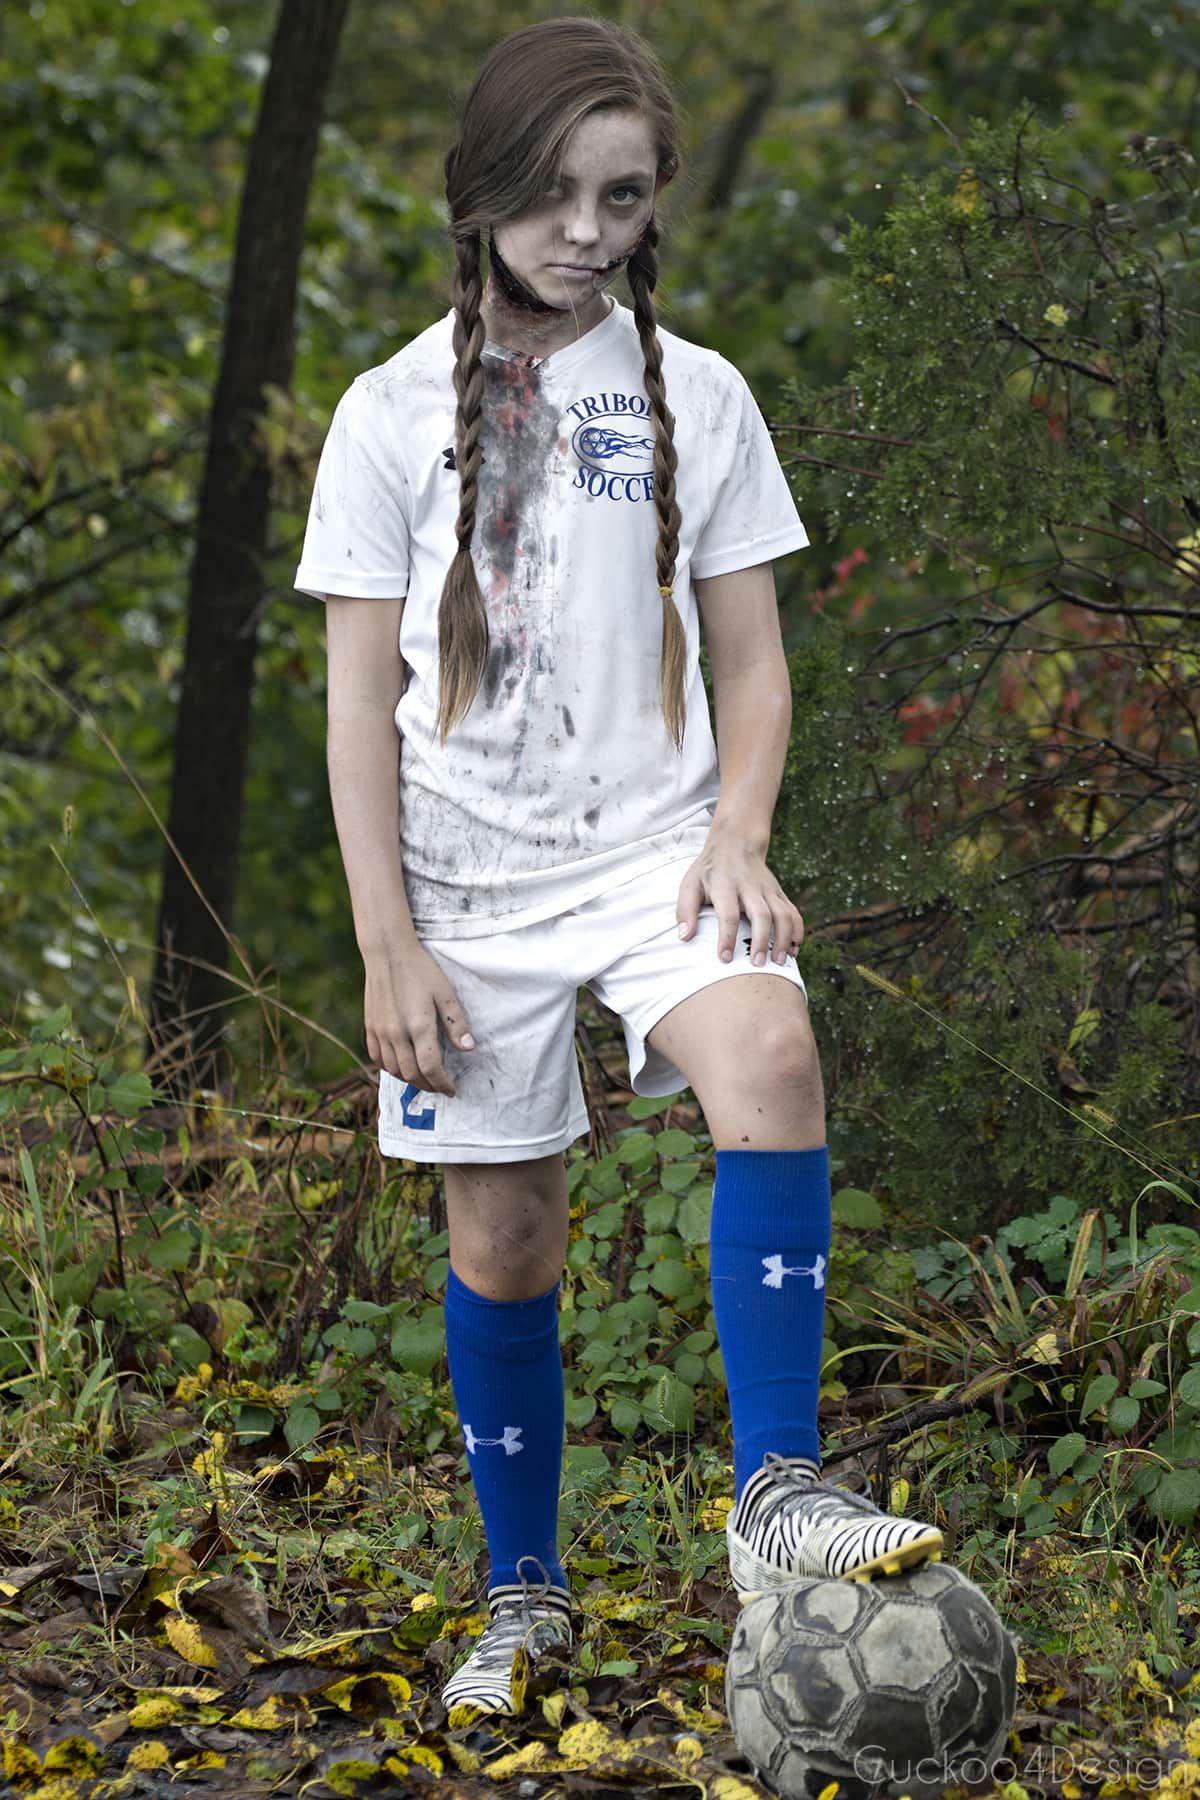 Soccer Zombie Makeup Cuckoo4design Zombie Costume Diy Zombie Halloween Costumes Kids Zombie Makeup